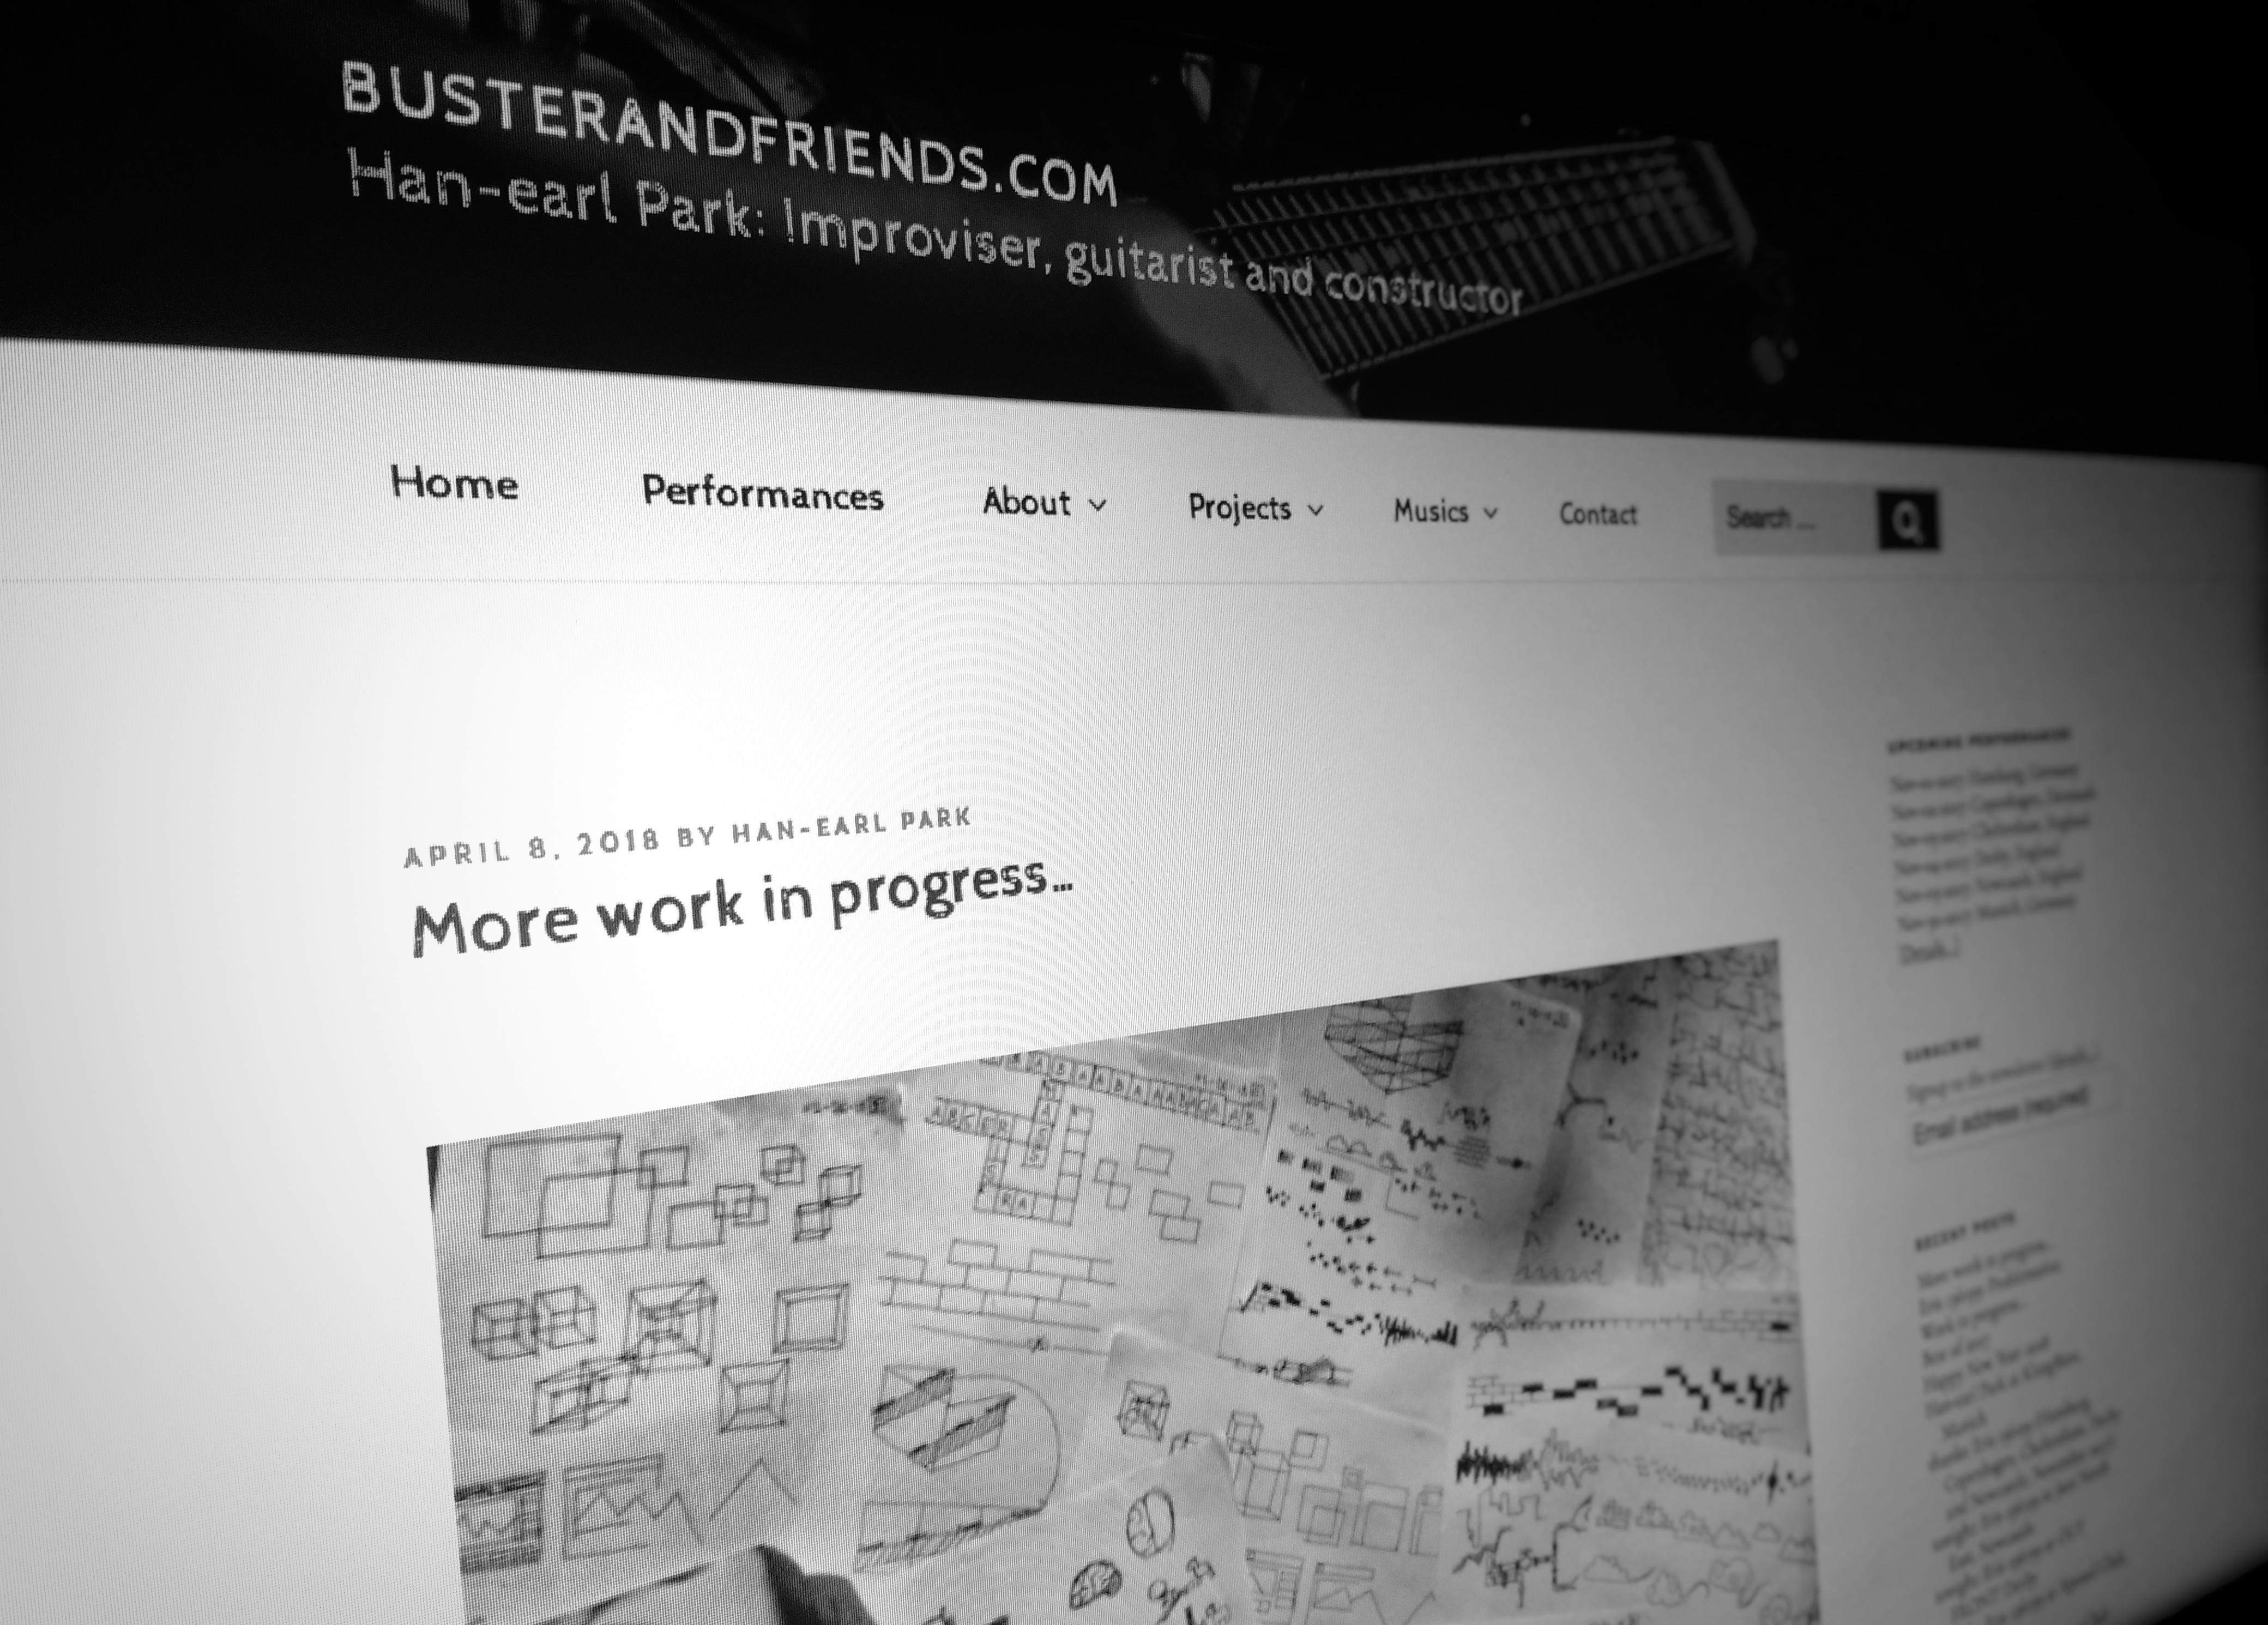 busterandfriends.com